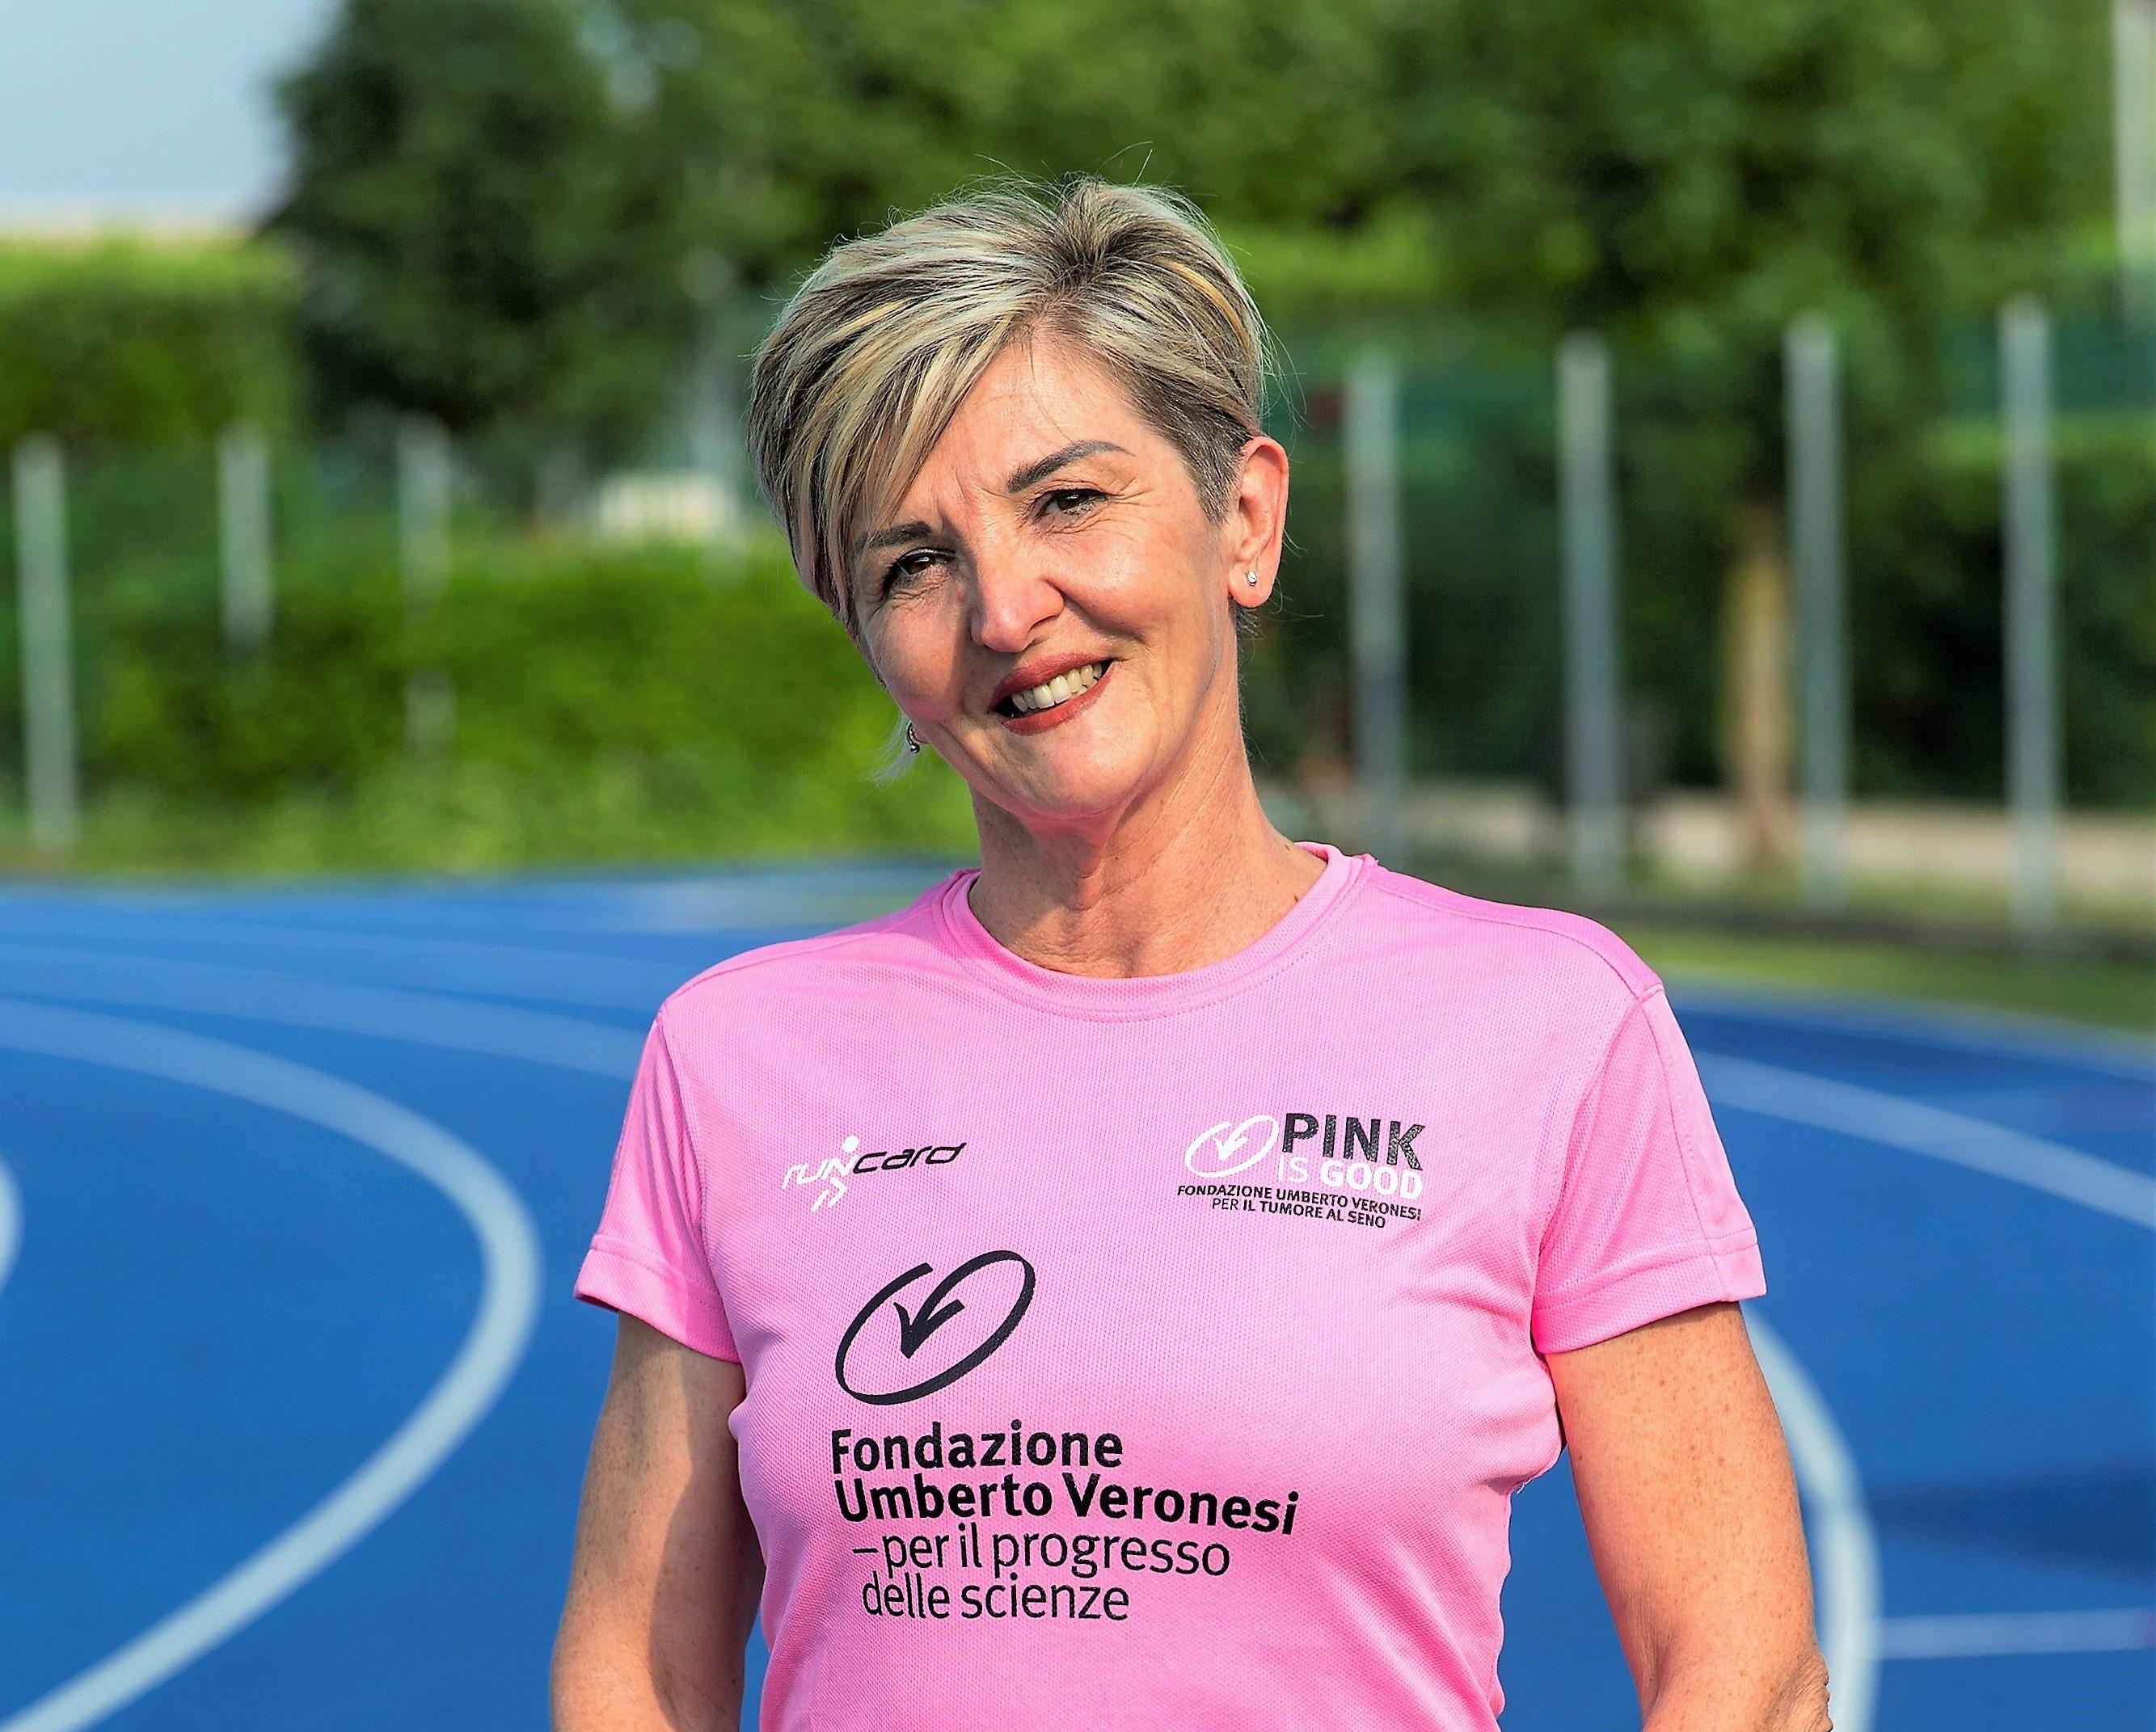 Corri con me per la prevenzione-Nadia Cazzola